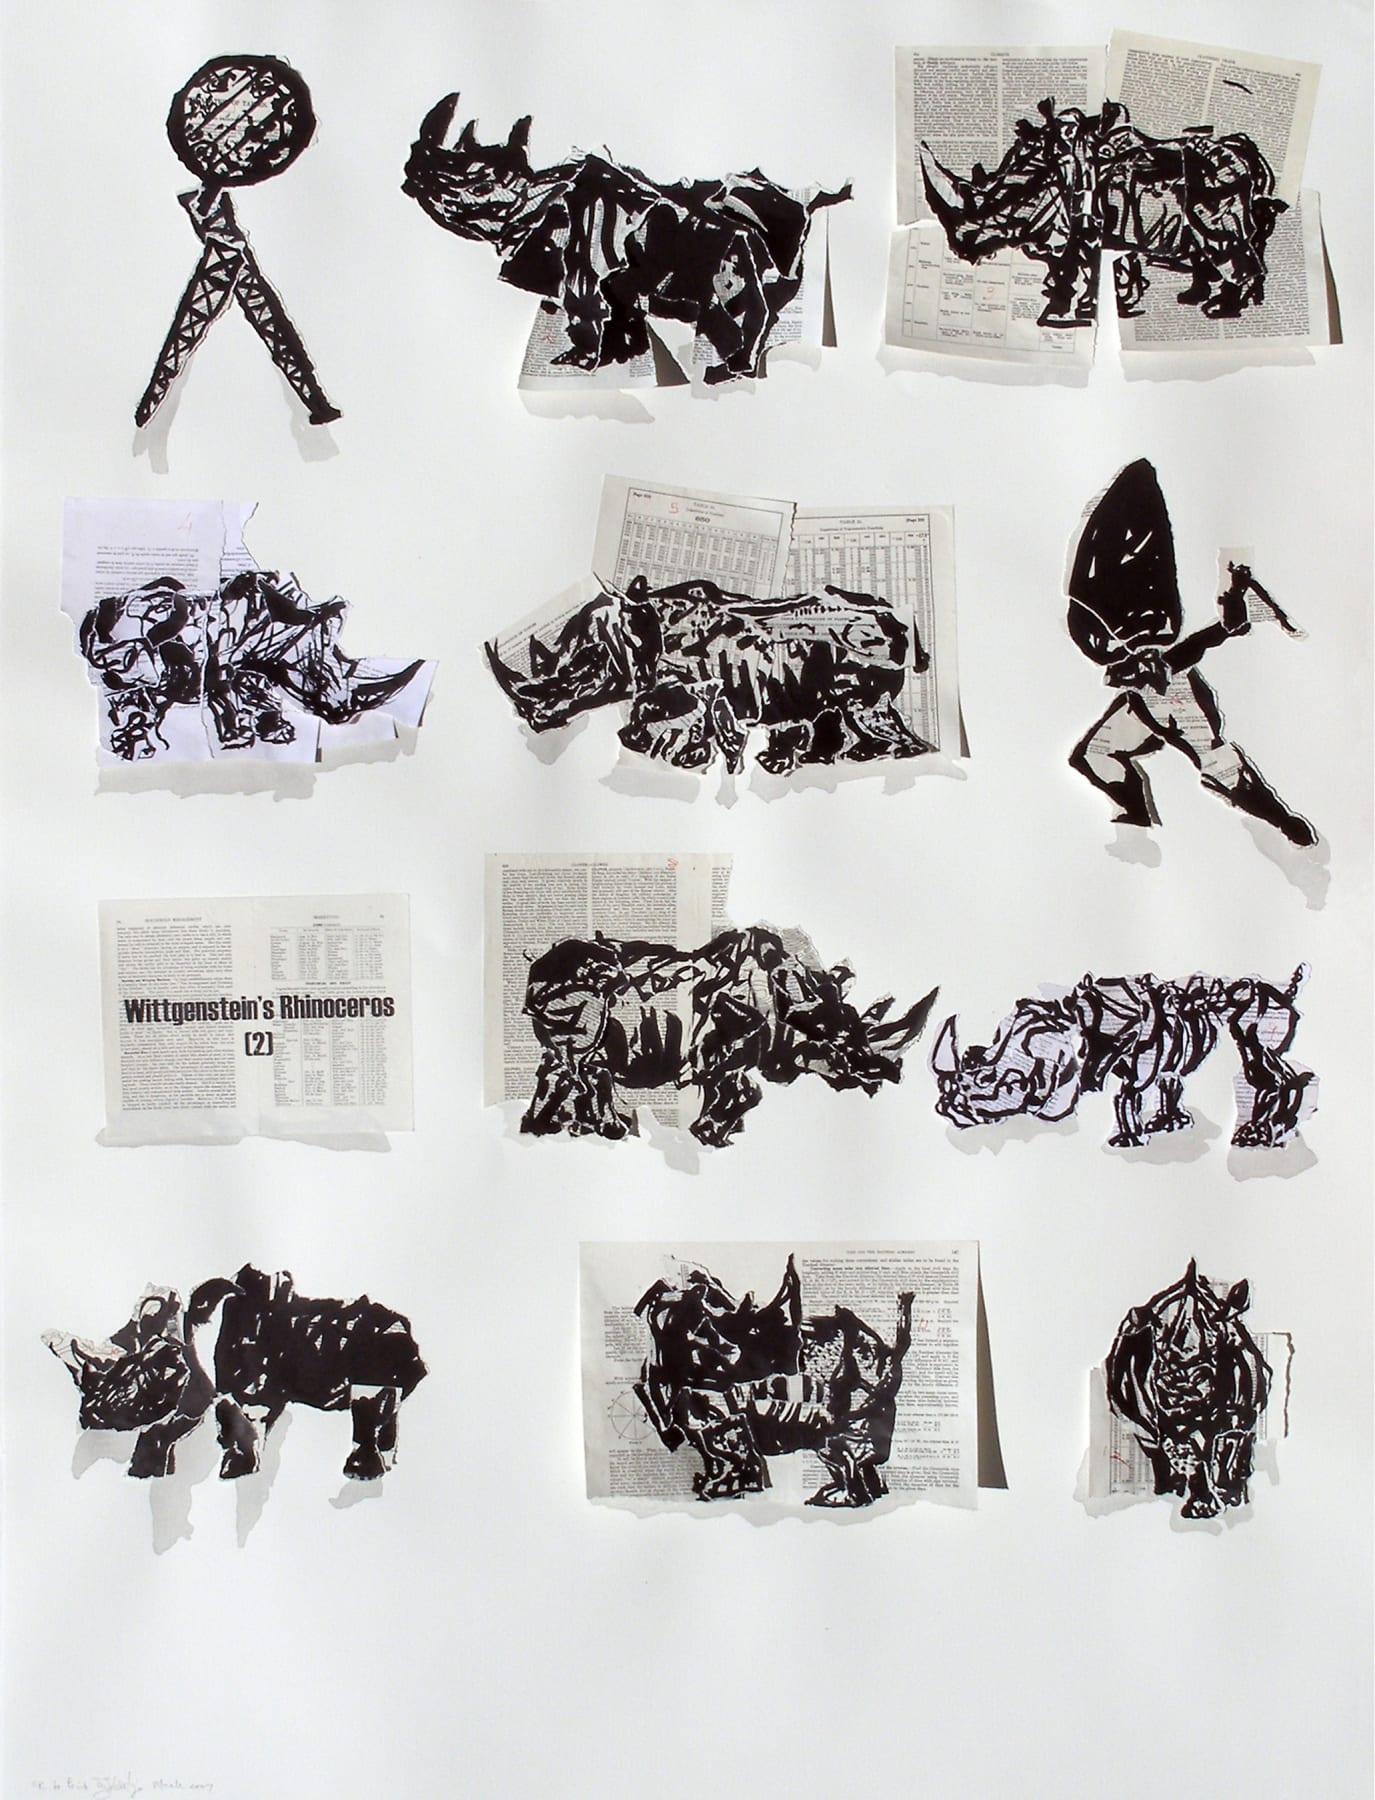 William Kentridge, Wittgenstein's Rhinoceros, 2007